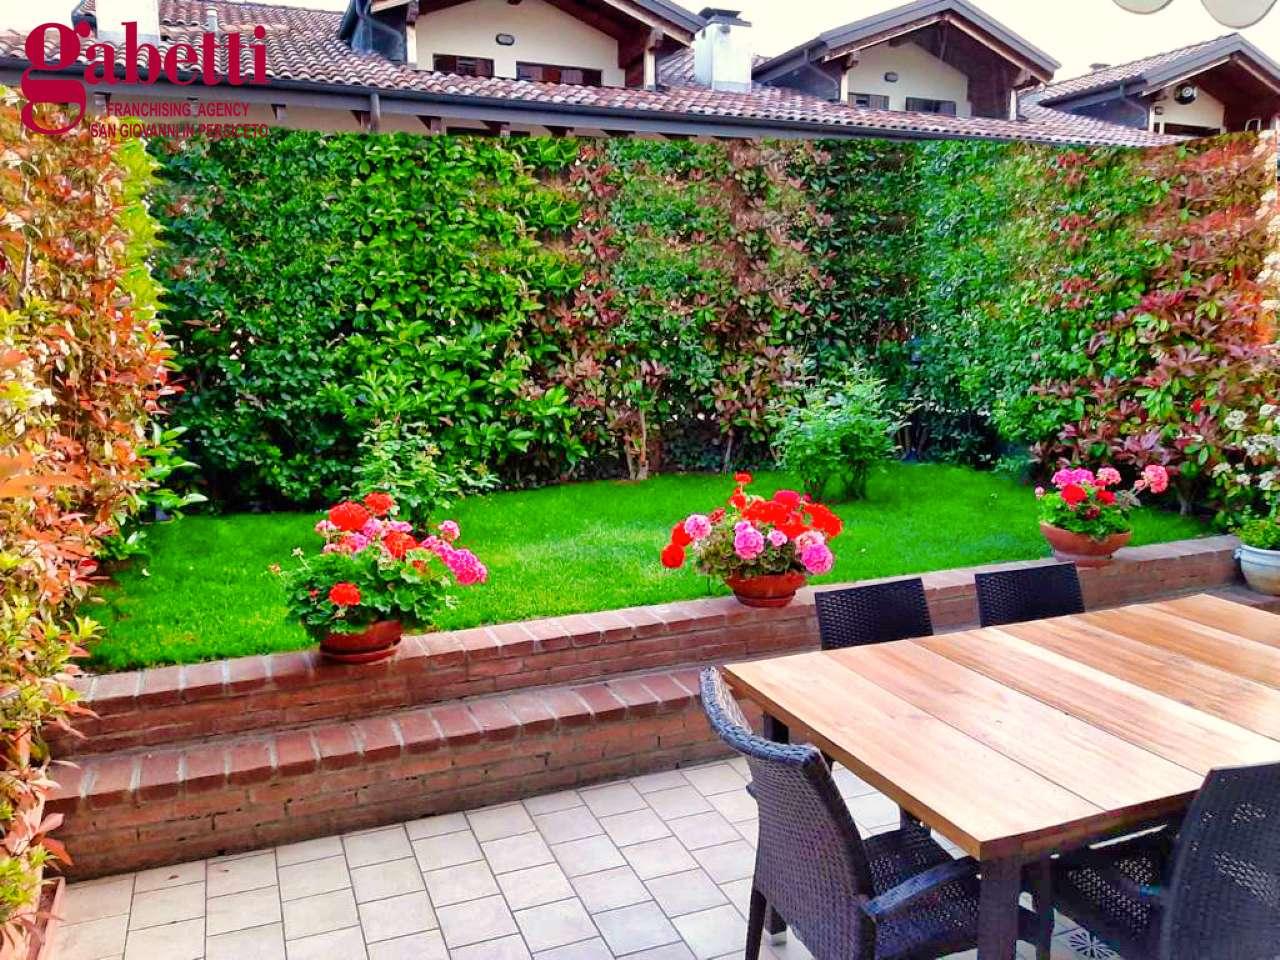 Appartamento in vendita a Sant'Agata Bolognese, 4 locali, prezzo € 205.000 | PortaleAgenzieImmobiliari.it